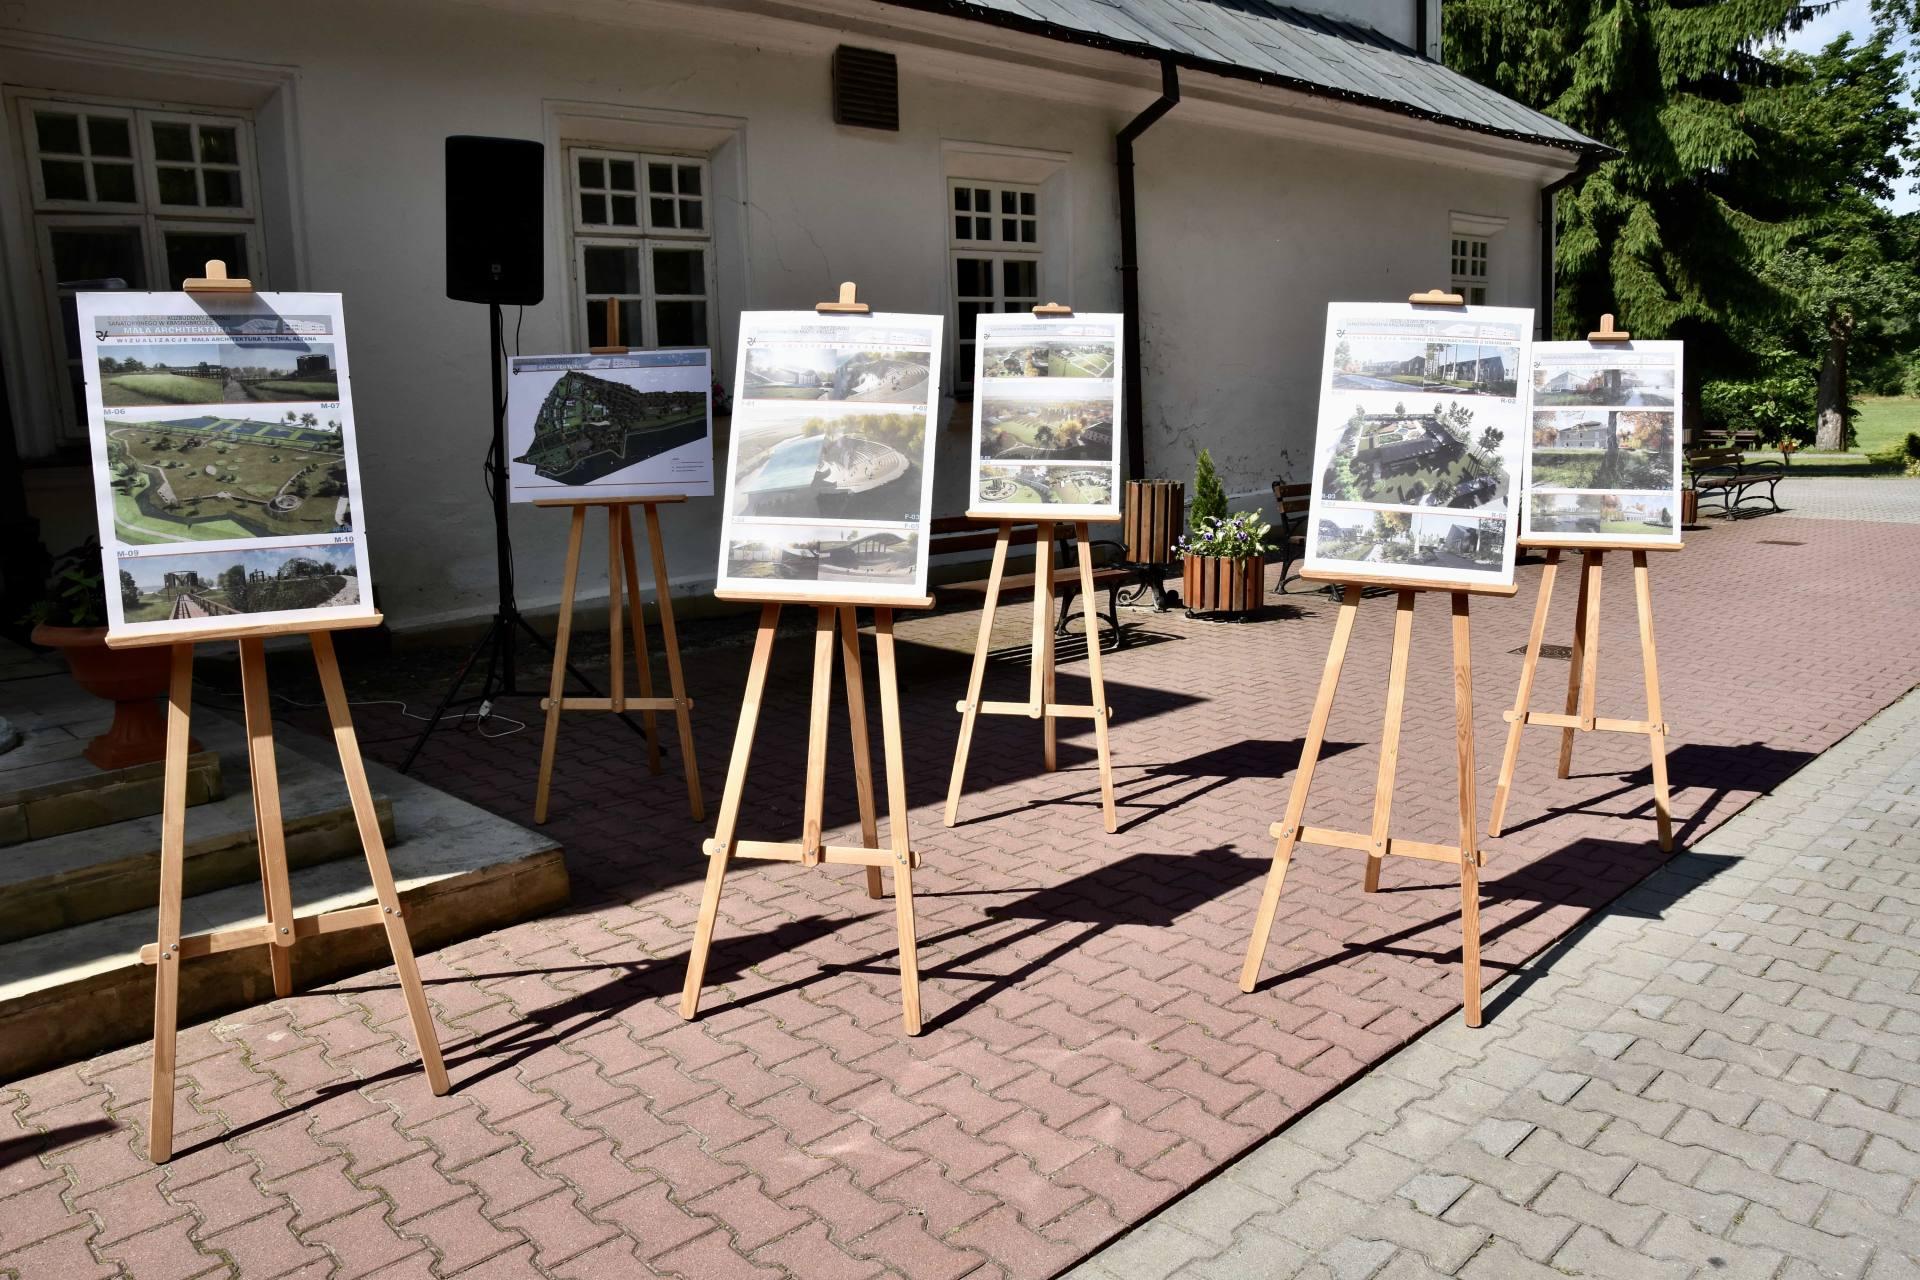 dsc 7392 Za 80 mln zł rozbudowane zostanie sanatorium w Krasnobrodzie.